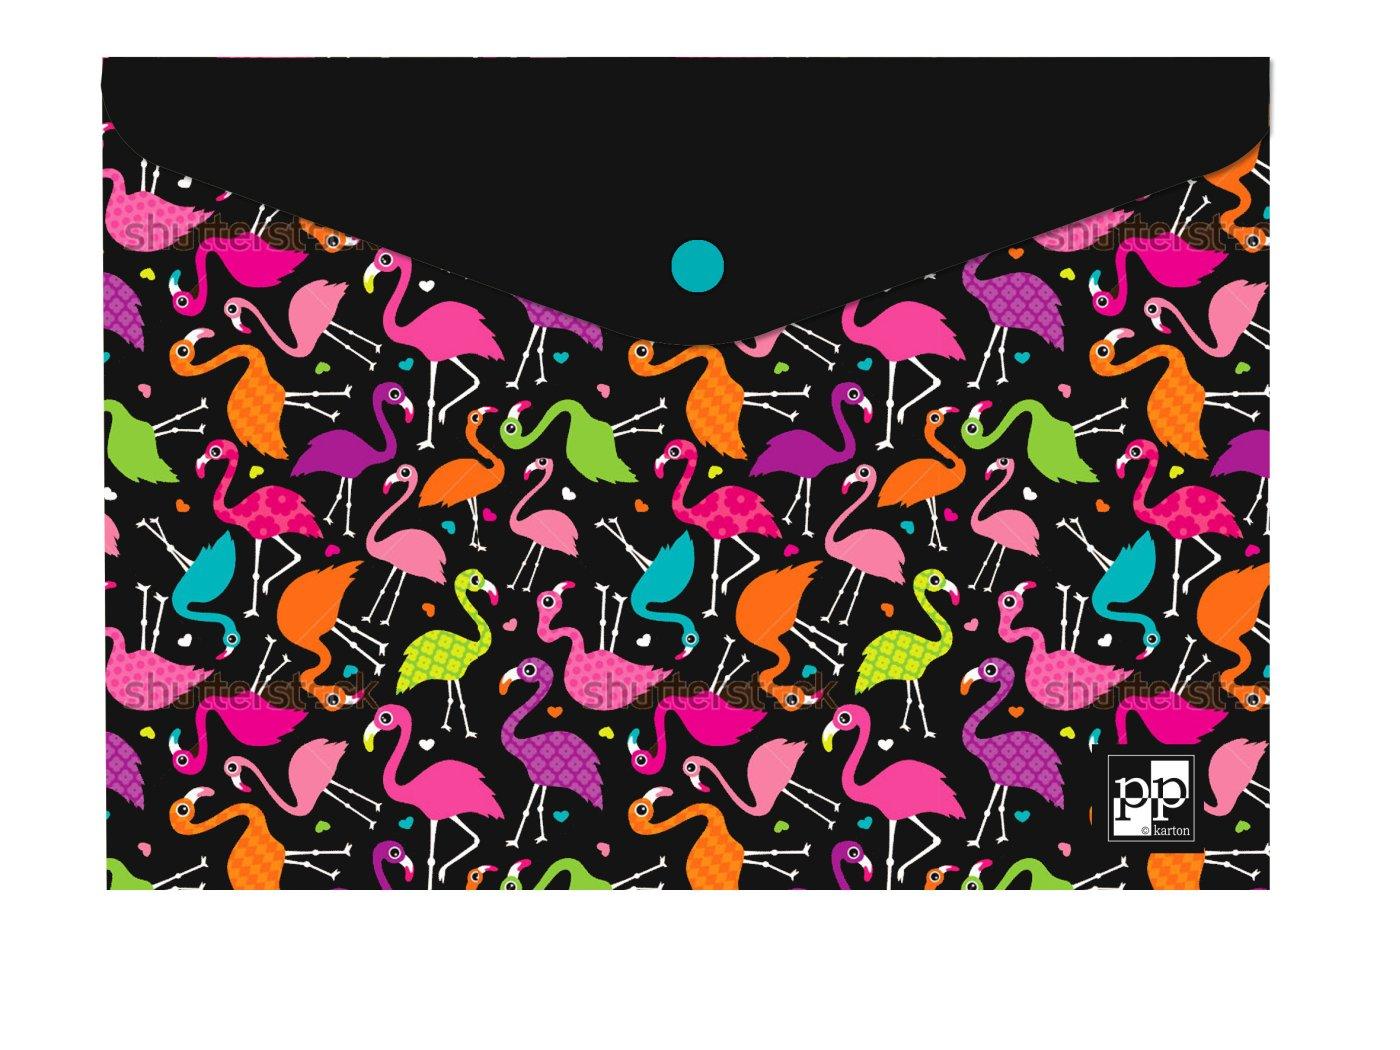 Plastový obal s drukem A4 - Flamingo